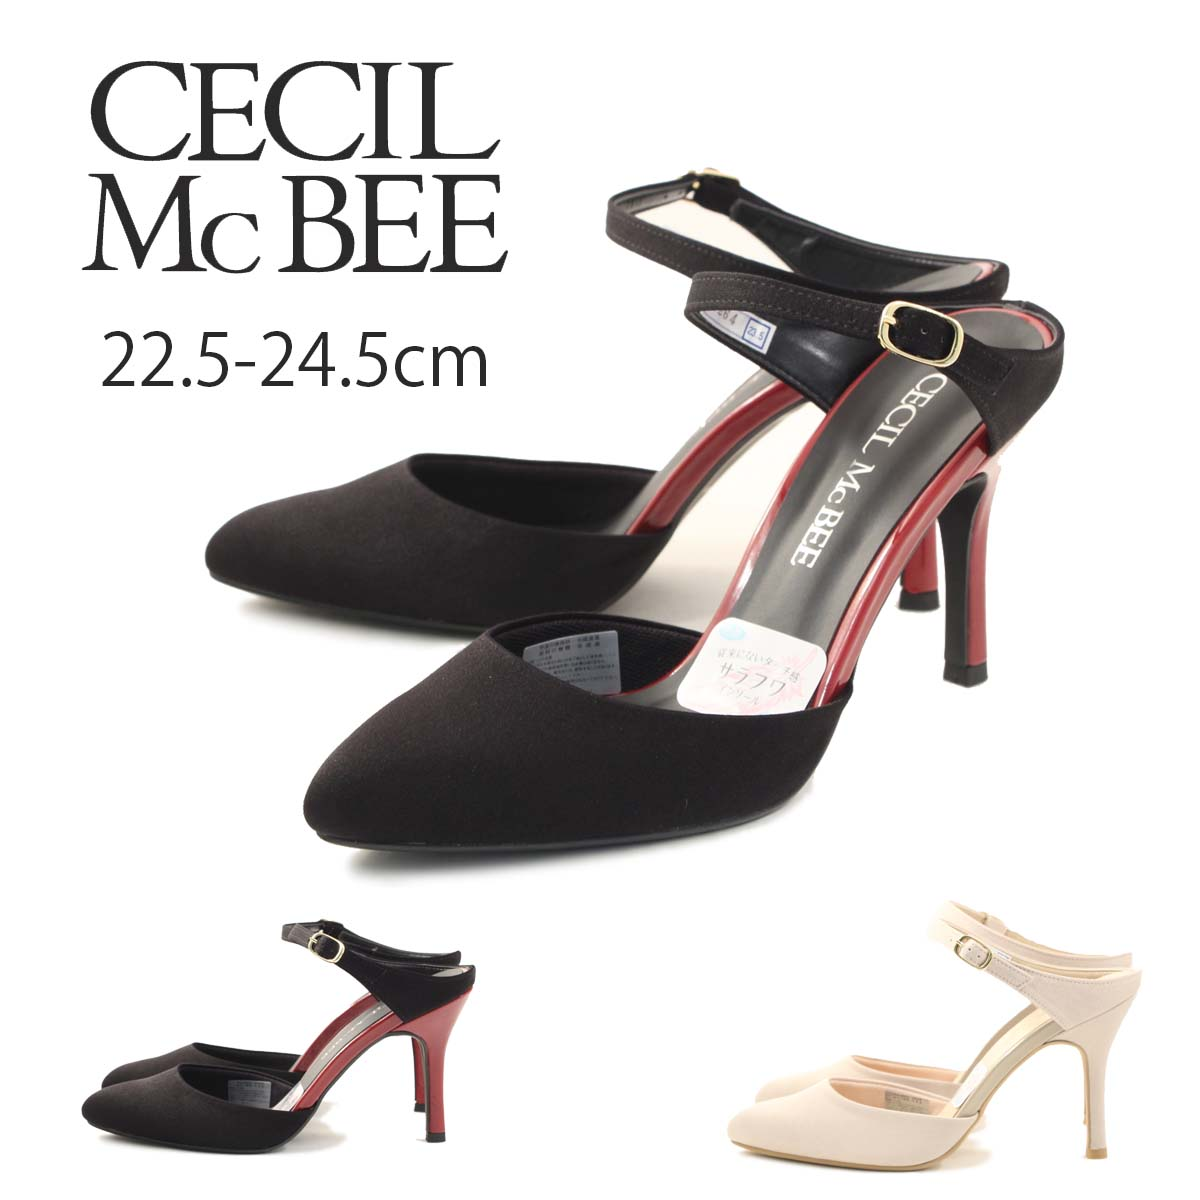 【CECIL McBEE セシルマクビー】【パンプス】美シルエット アンクルベルトミュールパンプス cm4264